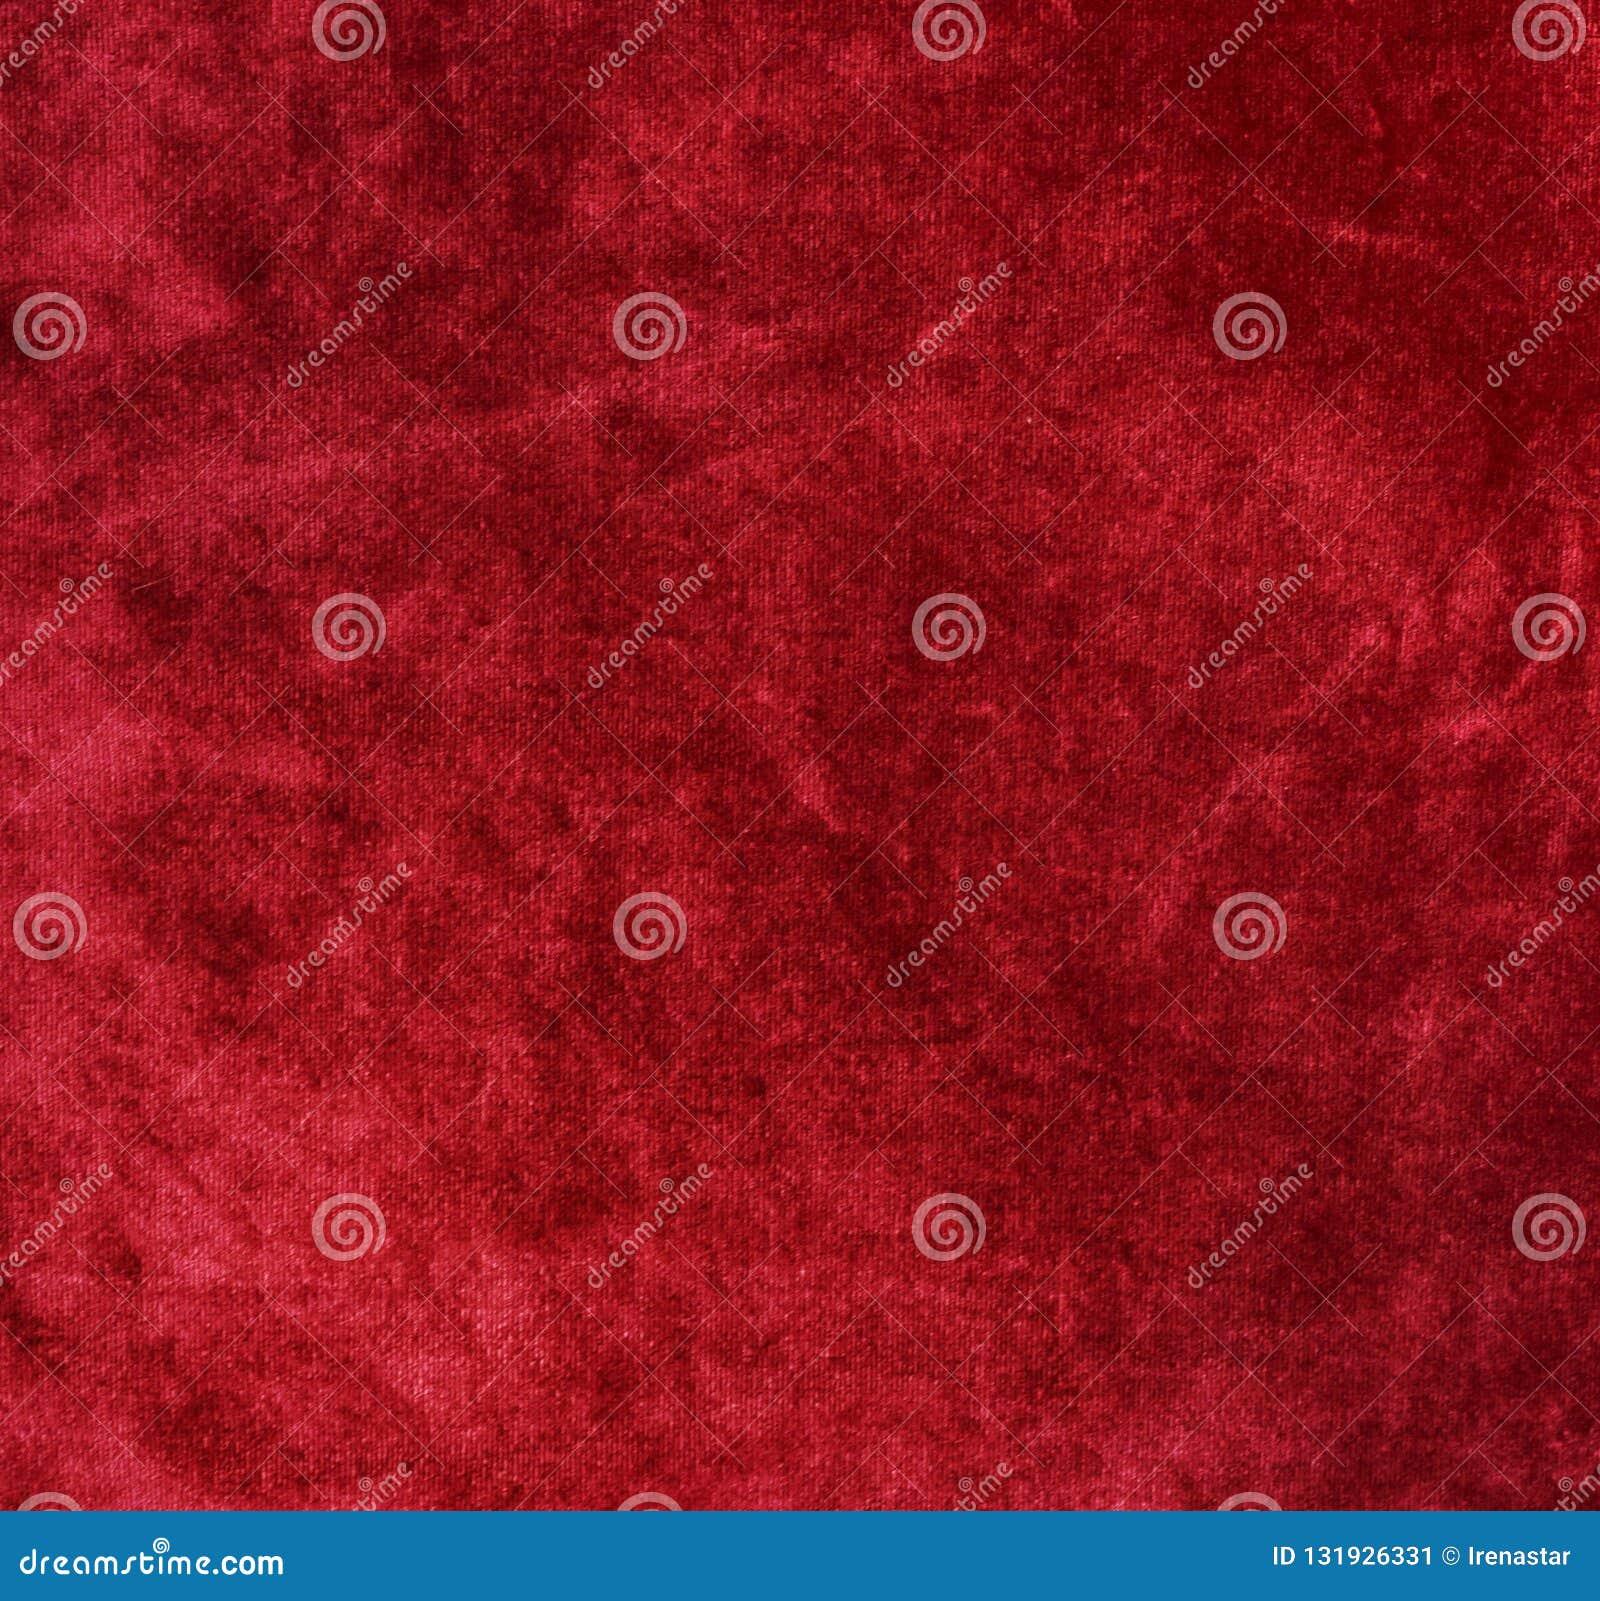 Fundo de veludo, textura, cor vermelha, luxo caro, tela,